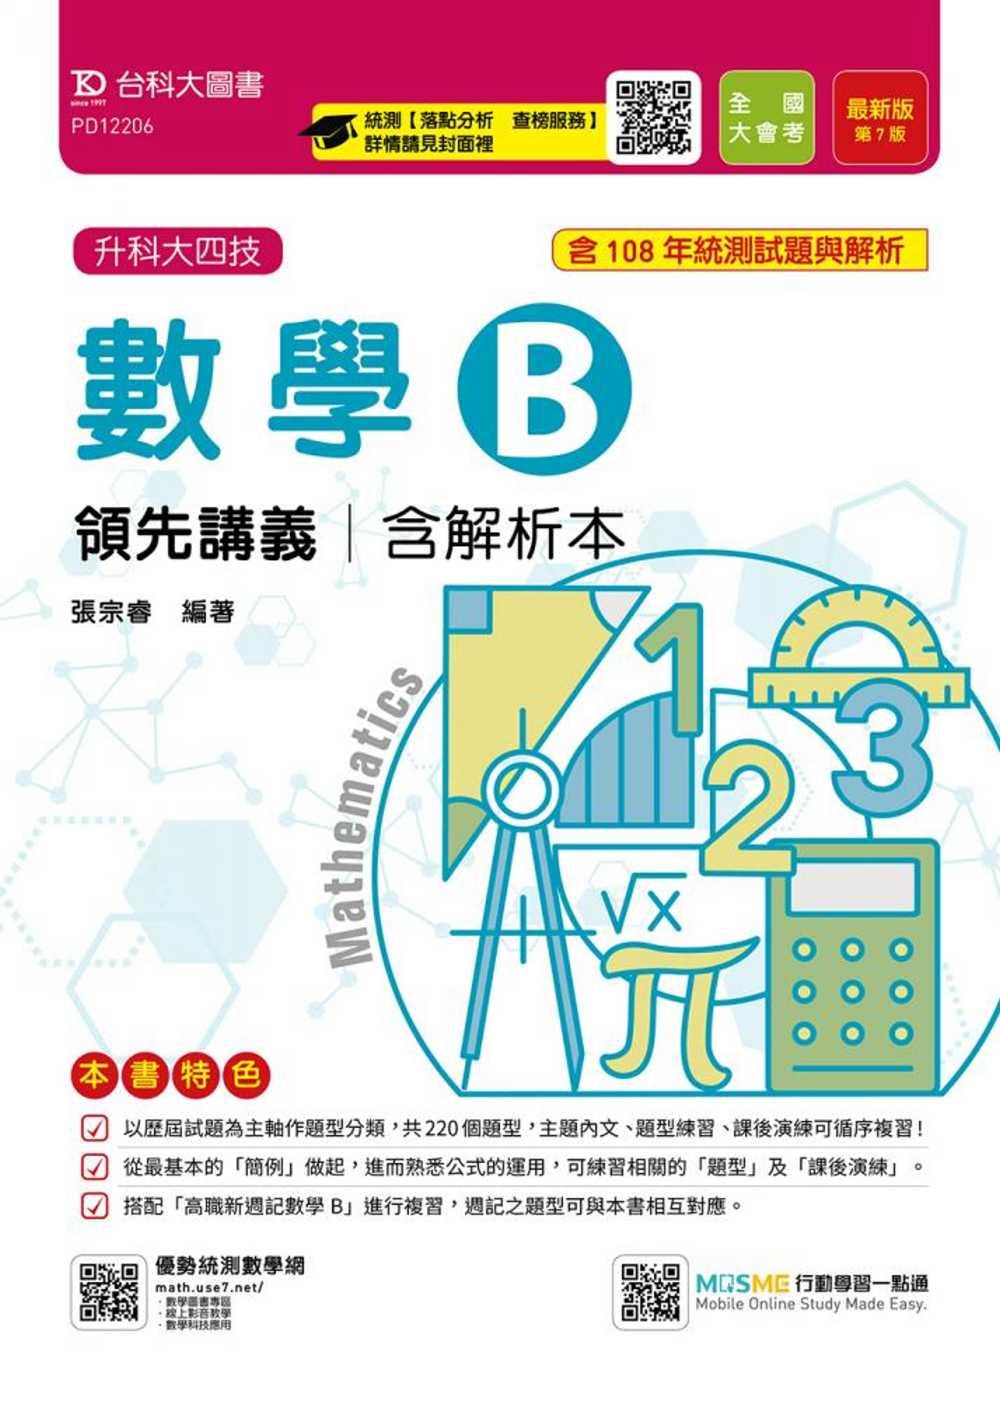 升科大四技數學 B 領先講義含解析本最新版(第七版)(附贈MOSME行動學習一點通)